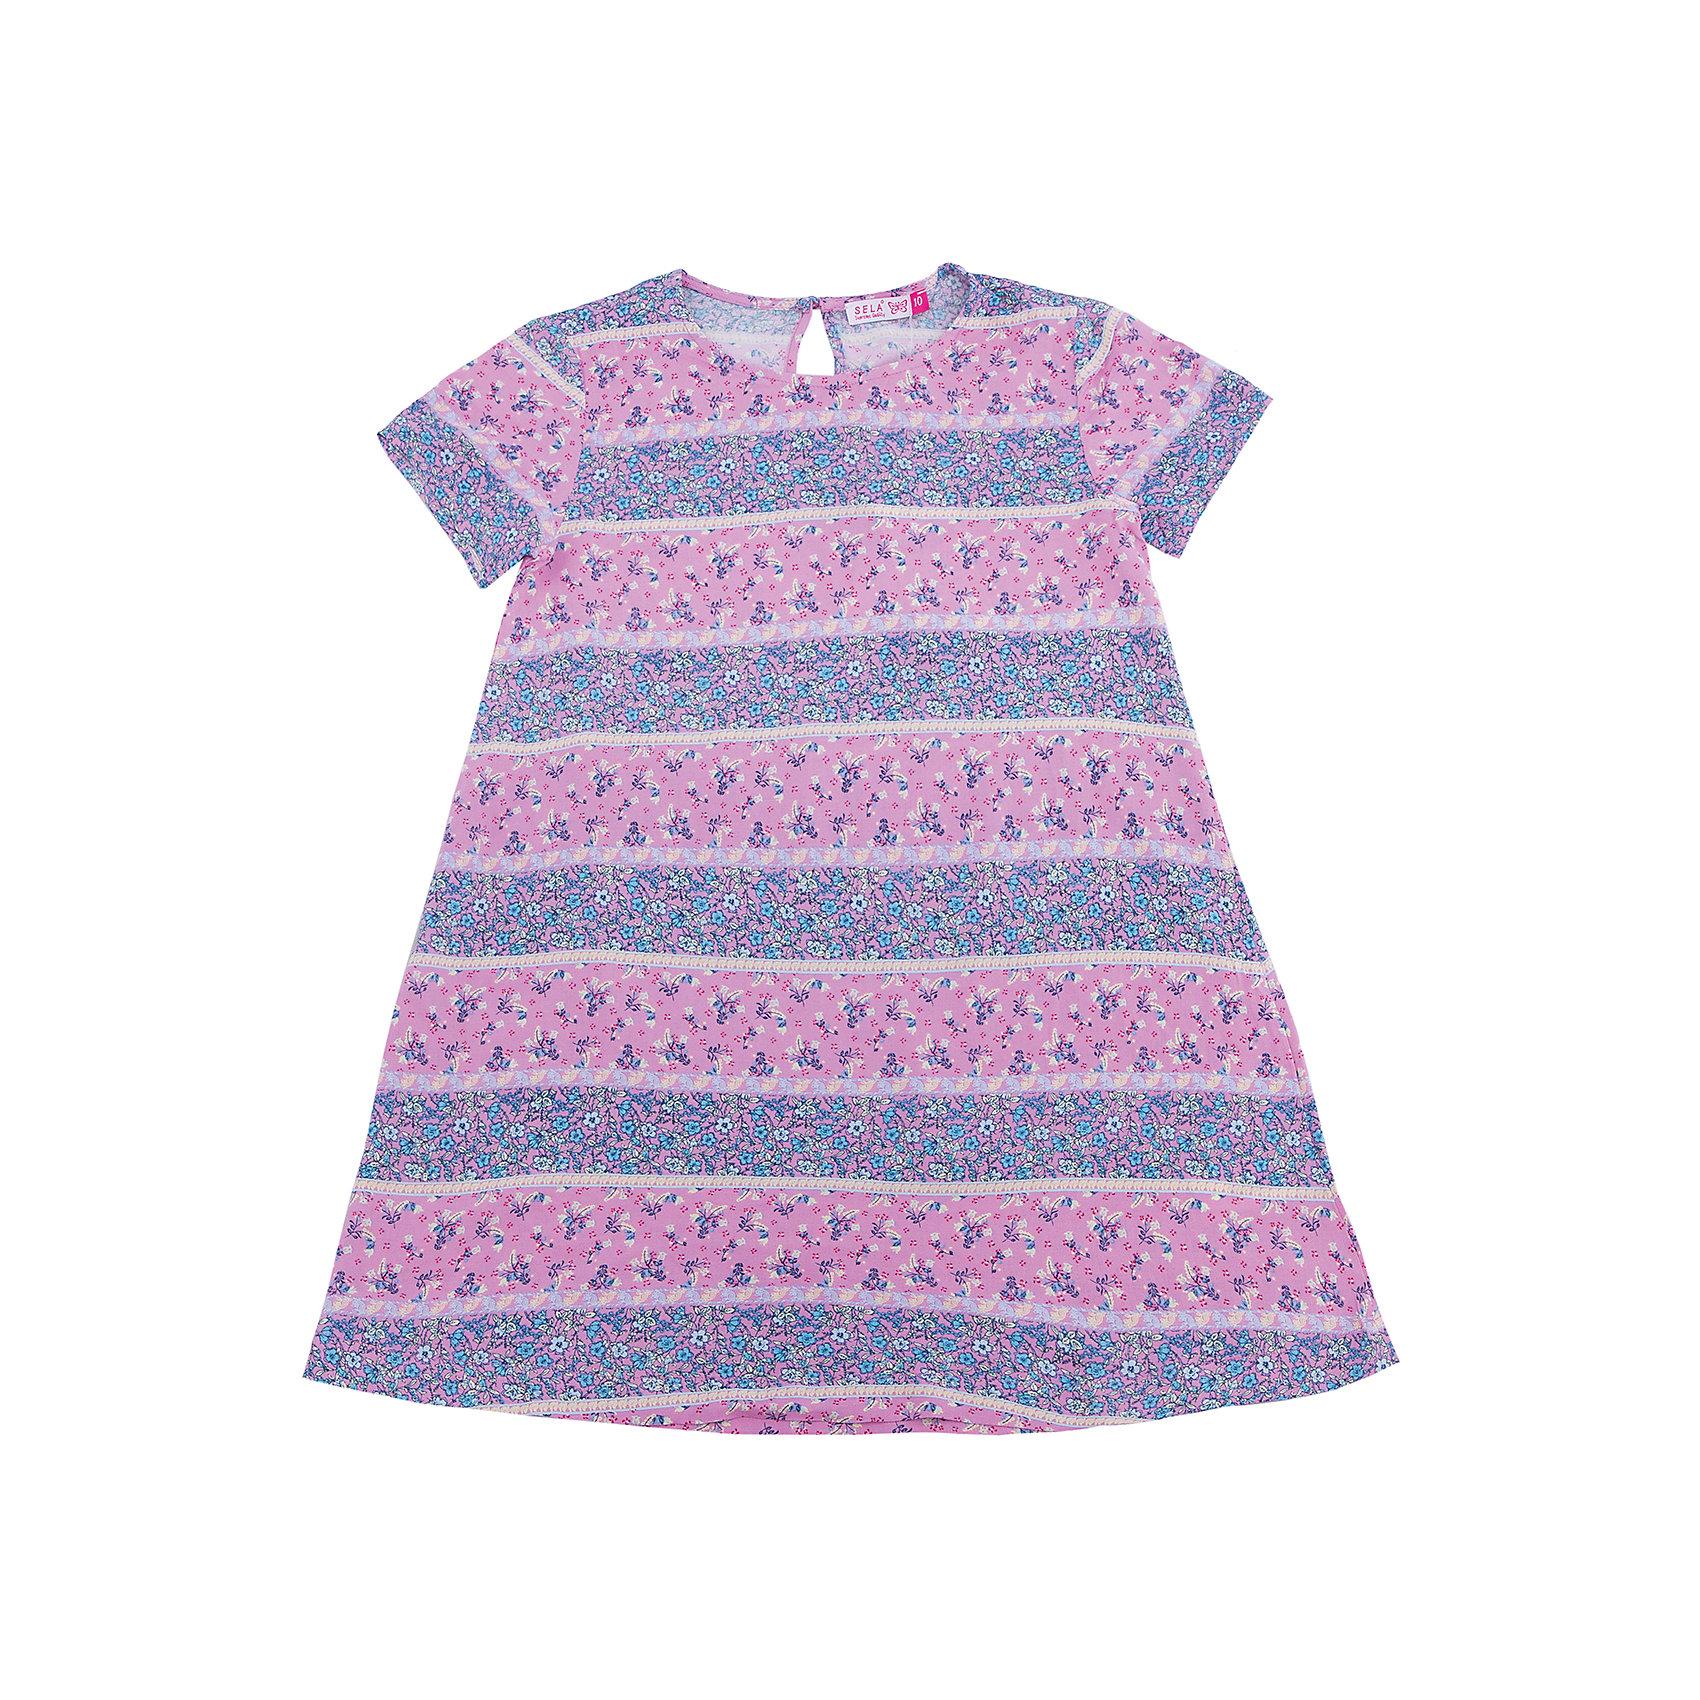 Платье для девочки SELAПлатья и сарафаны<br>Характеристики товара:<br><br>• цвет: лиловый<br>• состав: 100% вискоза<br>• сезон: лето<br>• принт<br>• длина выше колена<br>• корткие рукава<br>• страна бренда: Россия<br><br>Платье для девочки поможет разнообразить гардероб ребенка и обеспечить комфорт.  Оно отлично сочетается с босоножками, сандалями или туфельками. Стильная и удобная вещь!<br><br>Одежда, обувь и аксессуары от российского бренда SELA не зря пользуются большой популярностью у детей и взрослых!<br><br>Платье для девочки от популярного бренда SELA (СЕЛА) можно купить в нашем интернет-магазине.<br><br>Ширина мм: 236<br>Глубина мм: 16<br>Высота мм: 184<br>Вес г: 177<br>Цвет: фиолетовый<br>Возраст от месяцев: 84<br>Возраст до месяцев: 96<br>Пол: Женский<br>Возраст: Детский<br>Размер: 128,134,140,146,152,122<br>SKU: 5305455